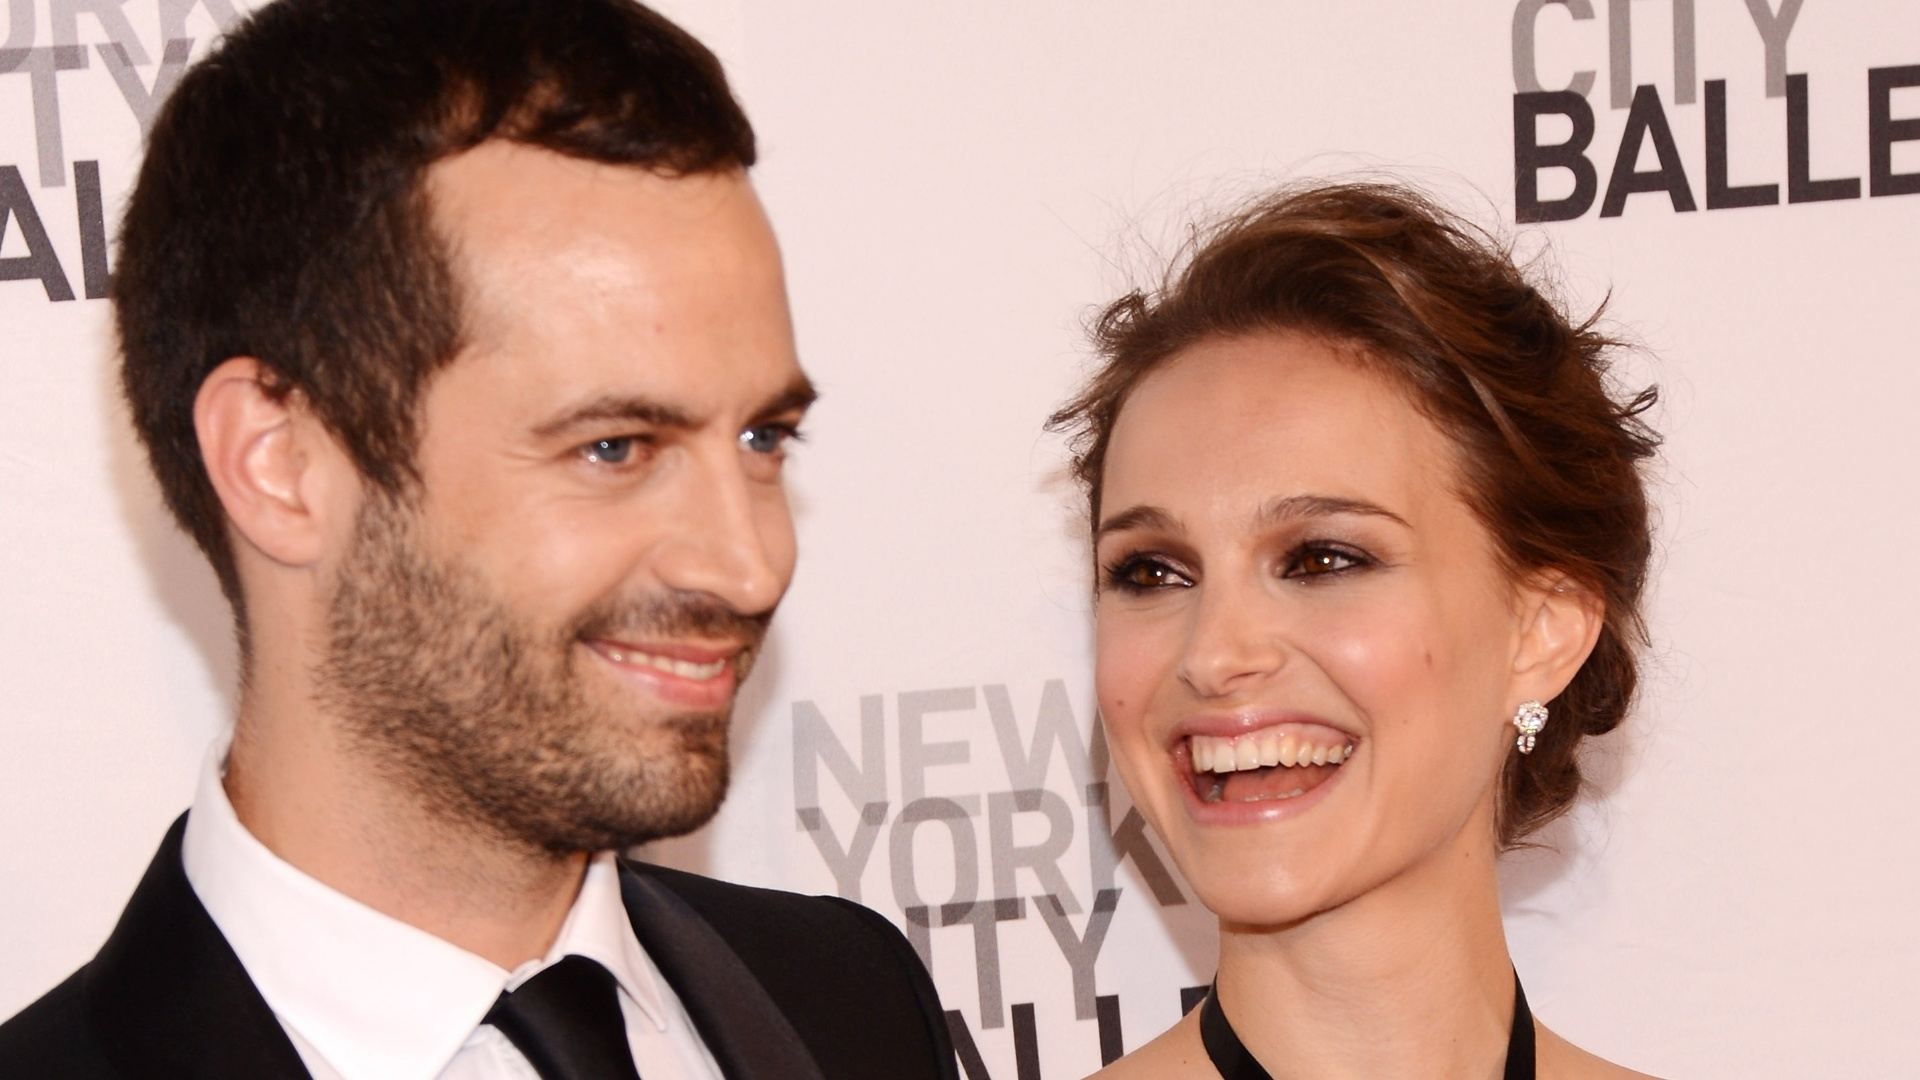 Natalie Portman e o noivo Benjamin Millepied vão a baile beneficente em Nova York (10/5/12)